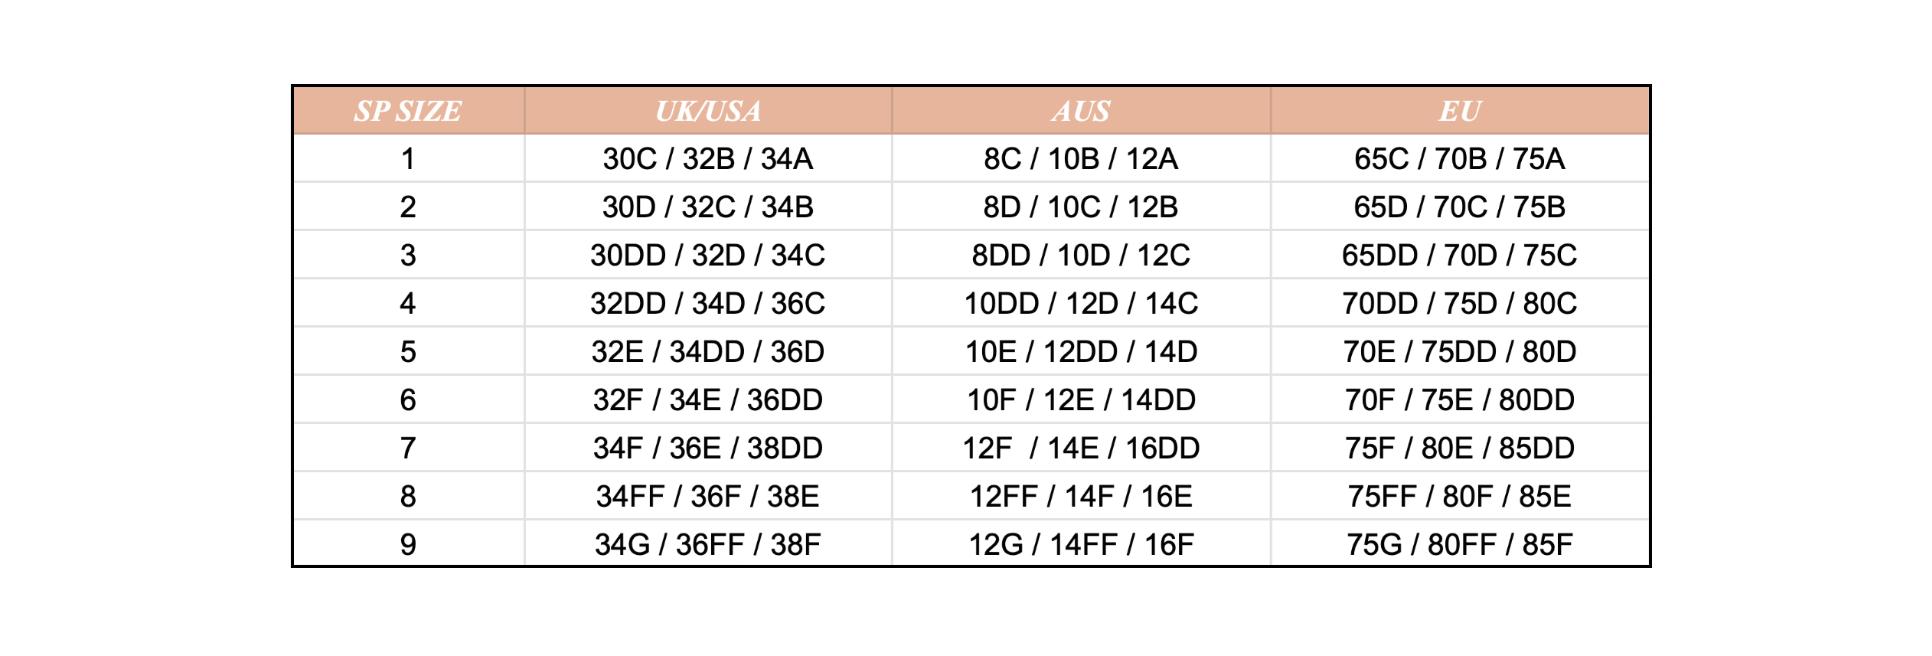 Таблица определения размеров бюстгальтеров Studio Pia